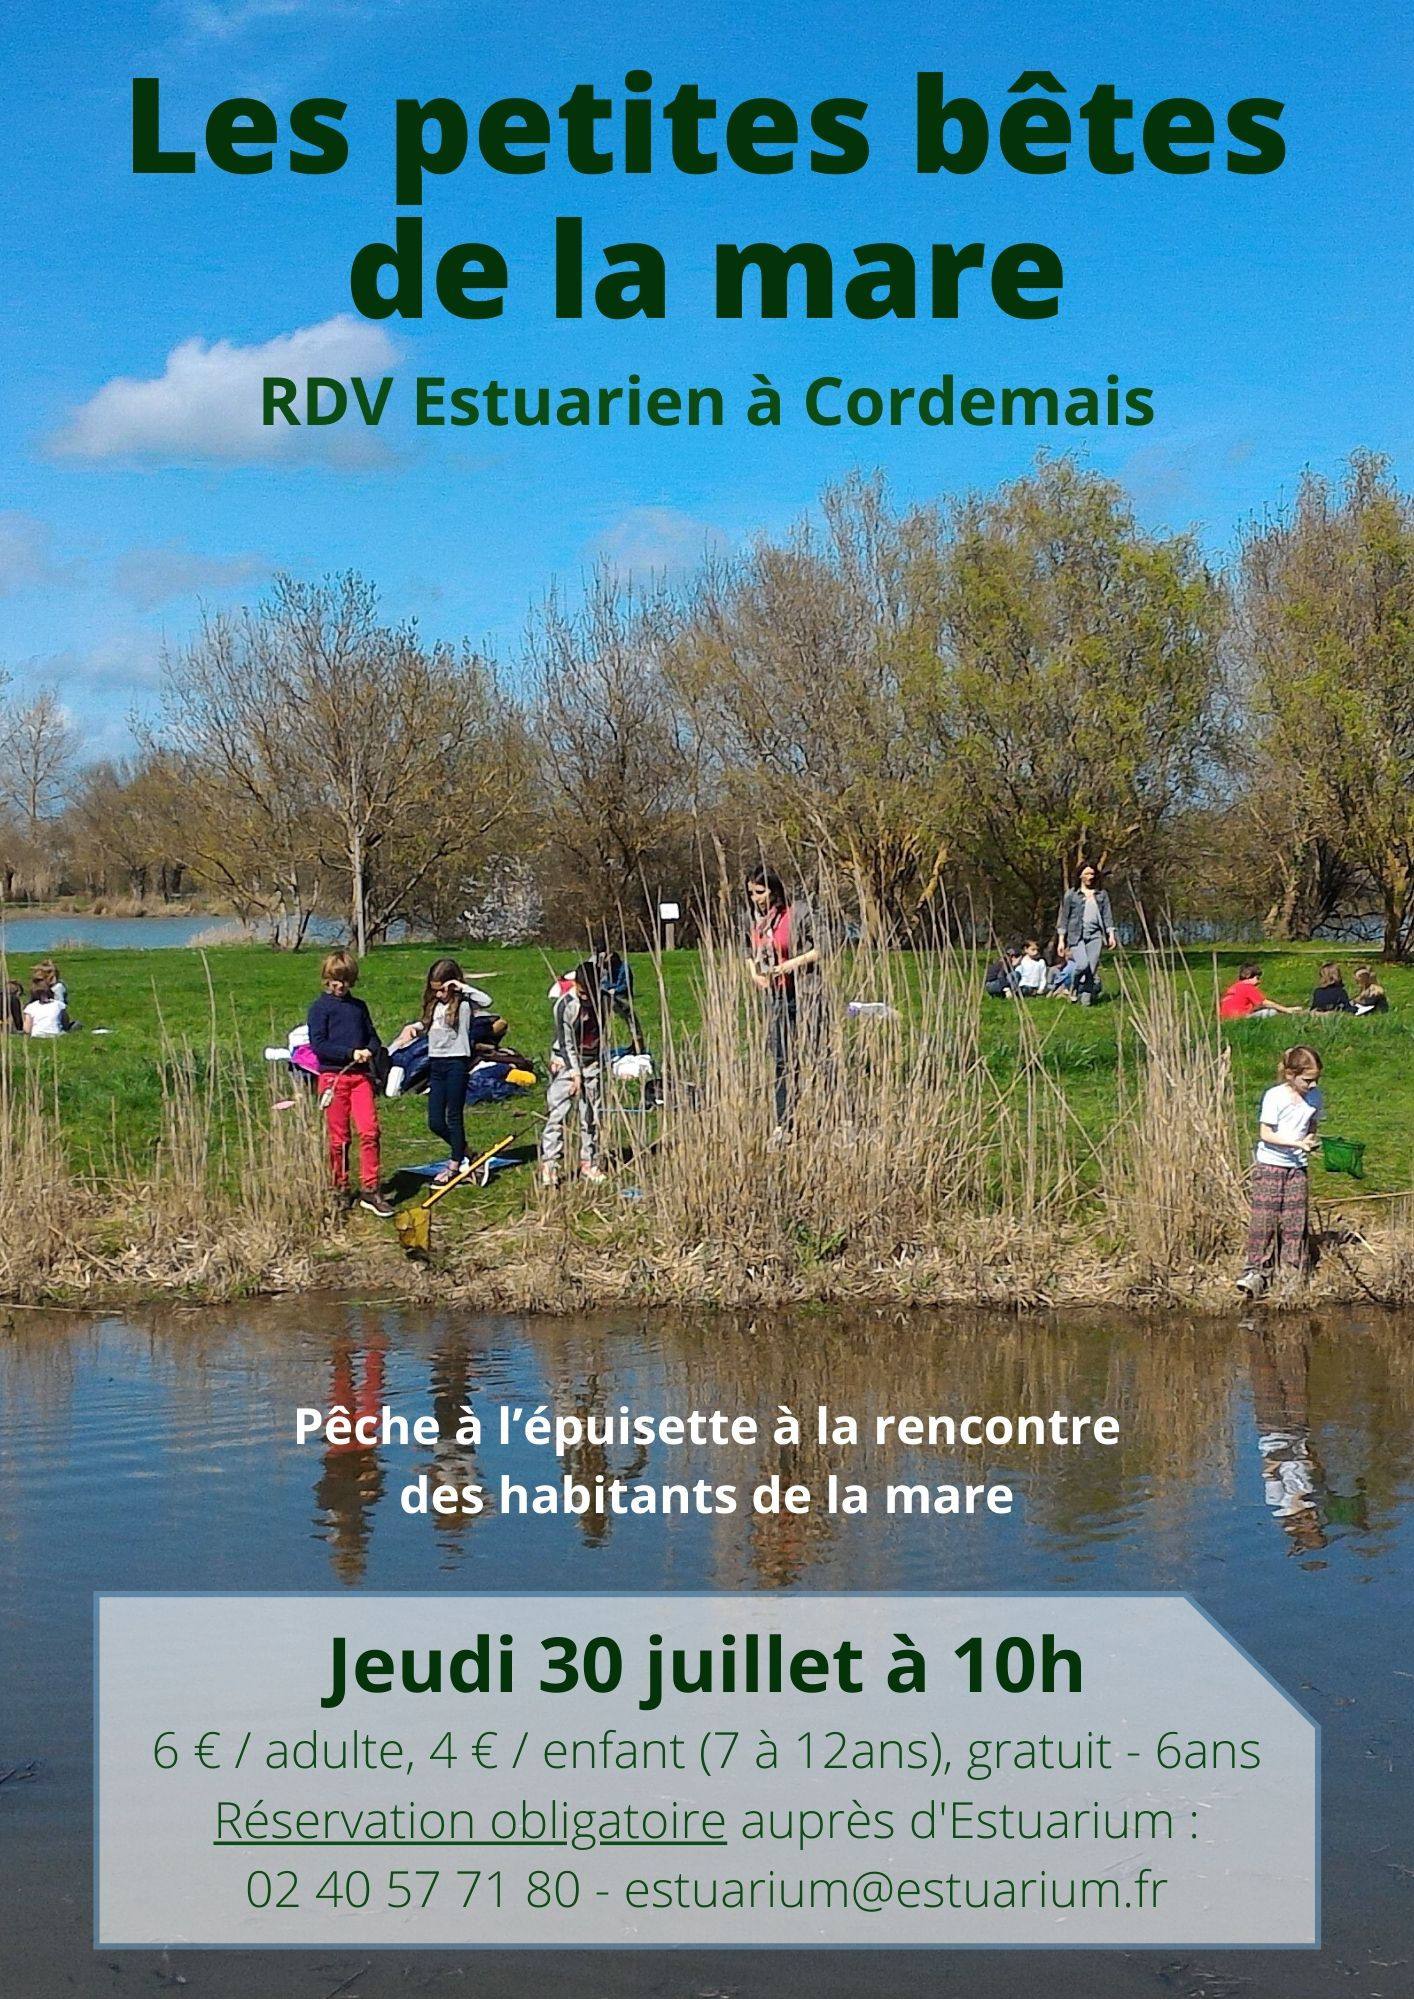 RDV Estuarien juillet 2020 - Mare - CORDEMAIS